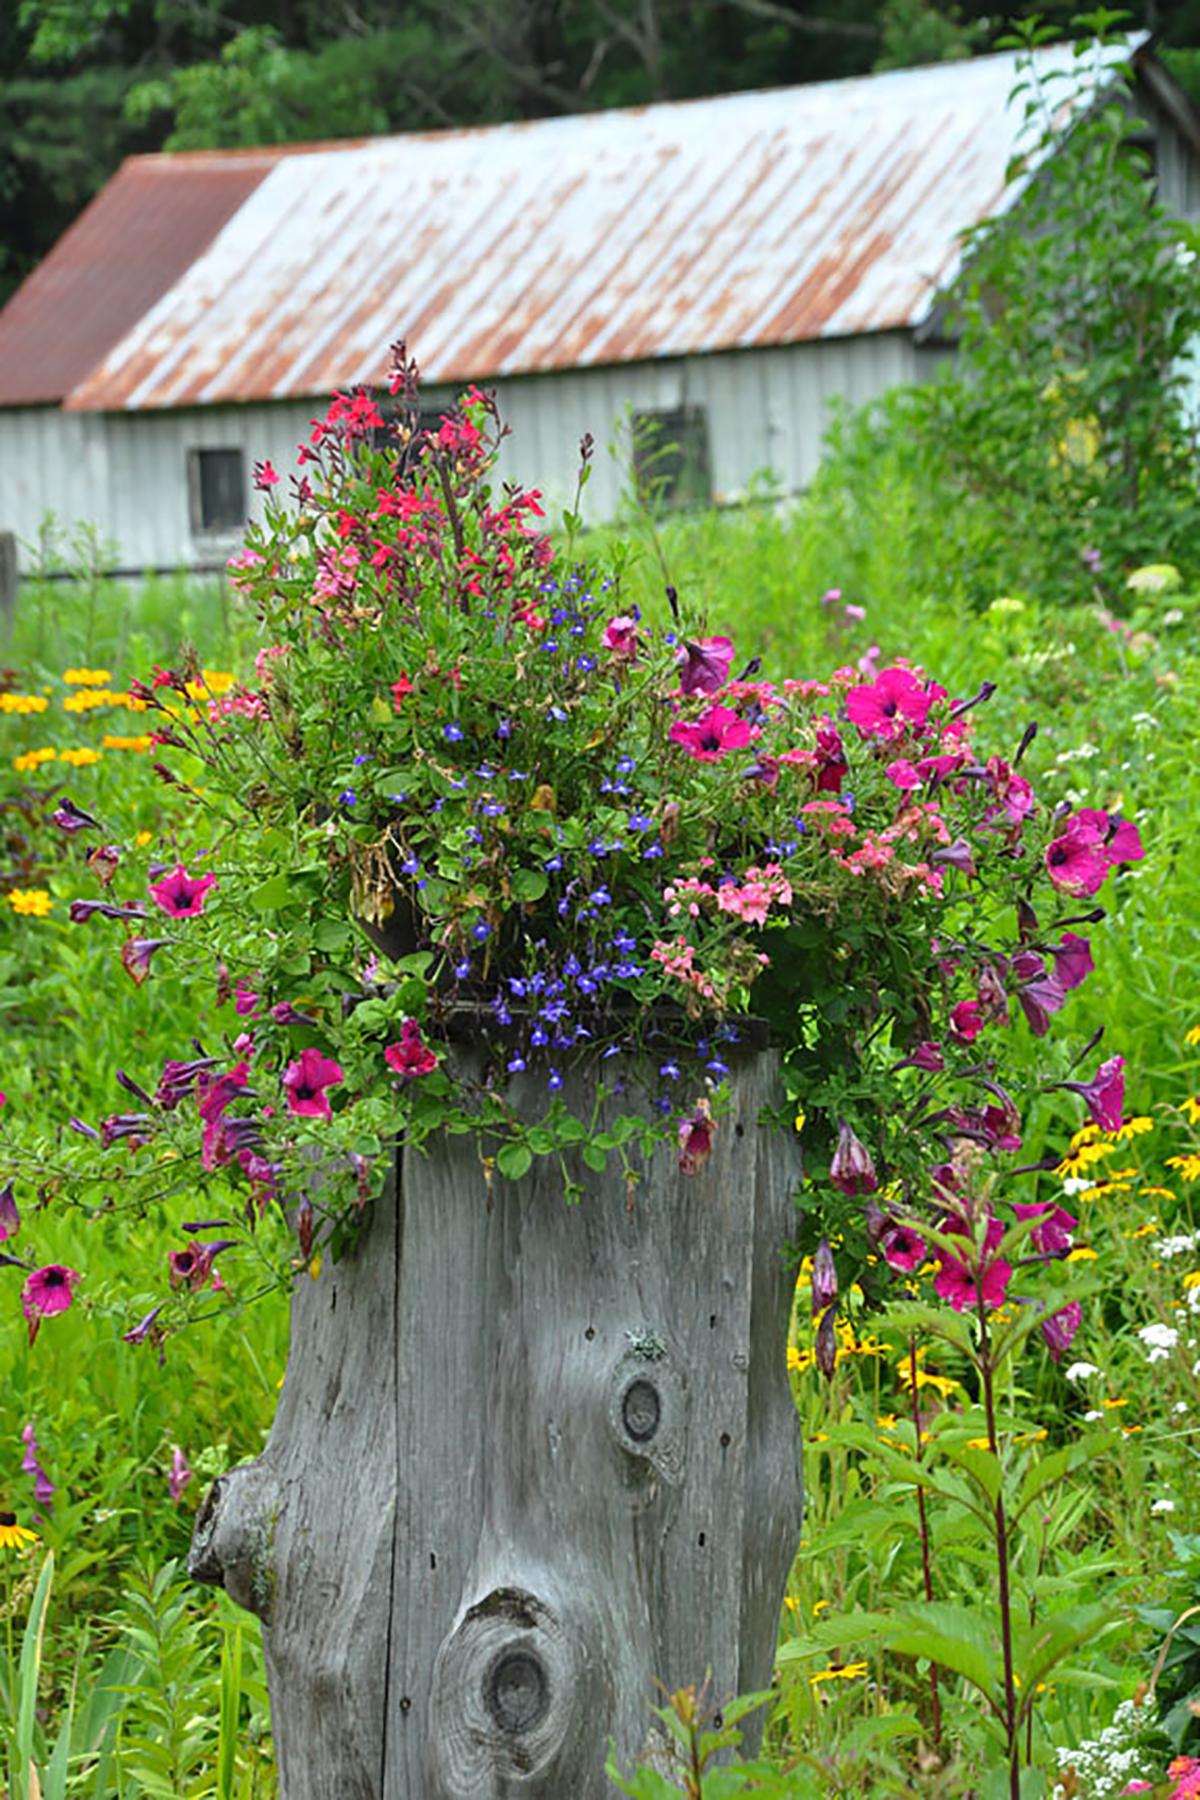 25 Small Backyard Ideas - Beautiful Landscaping Designs ... on Landscape Garden Designs For Small Gardens id=98165